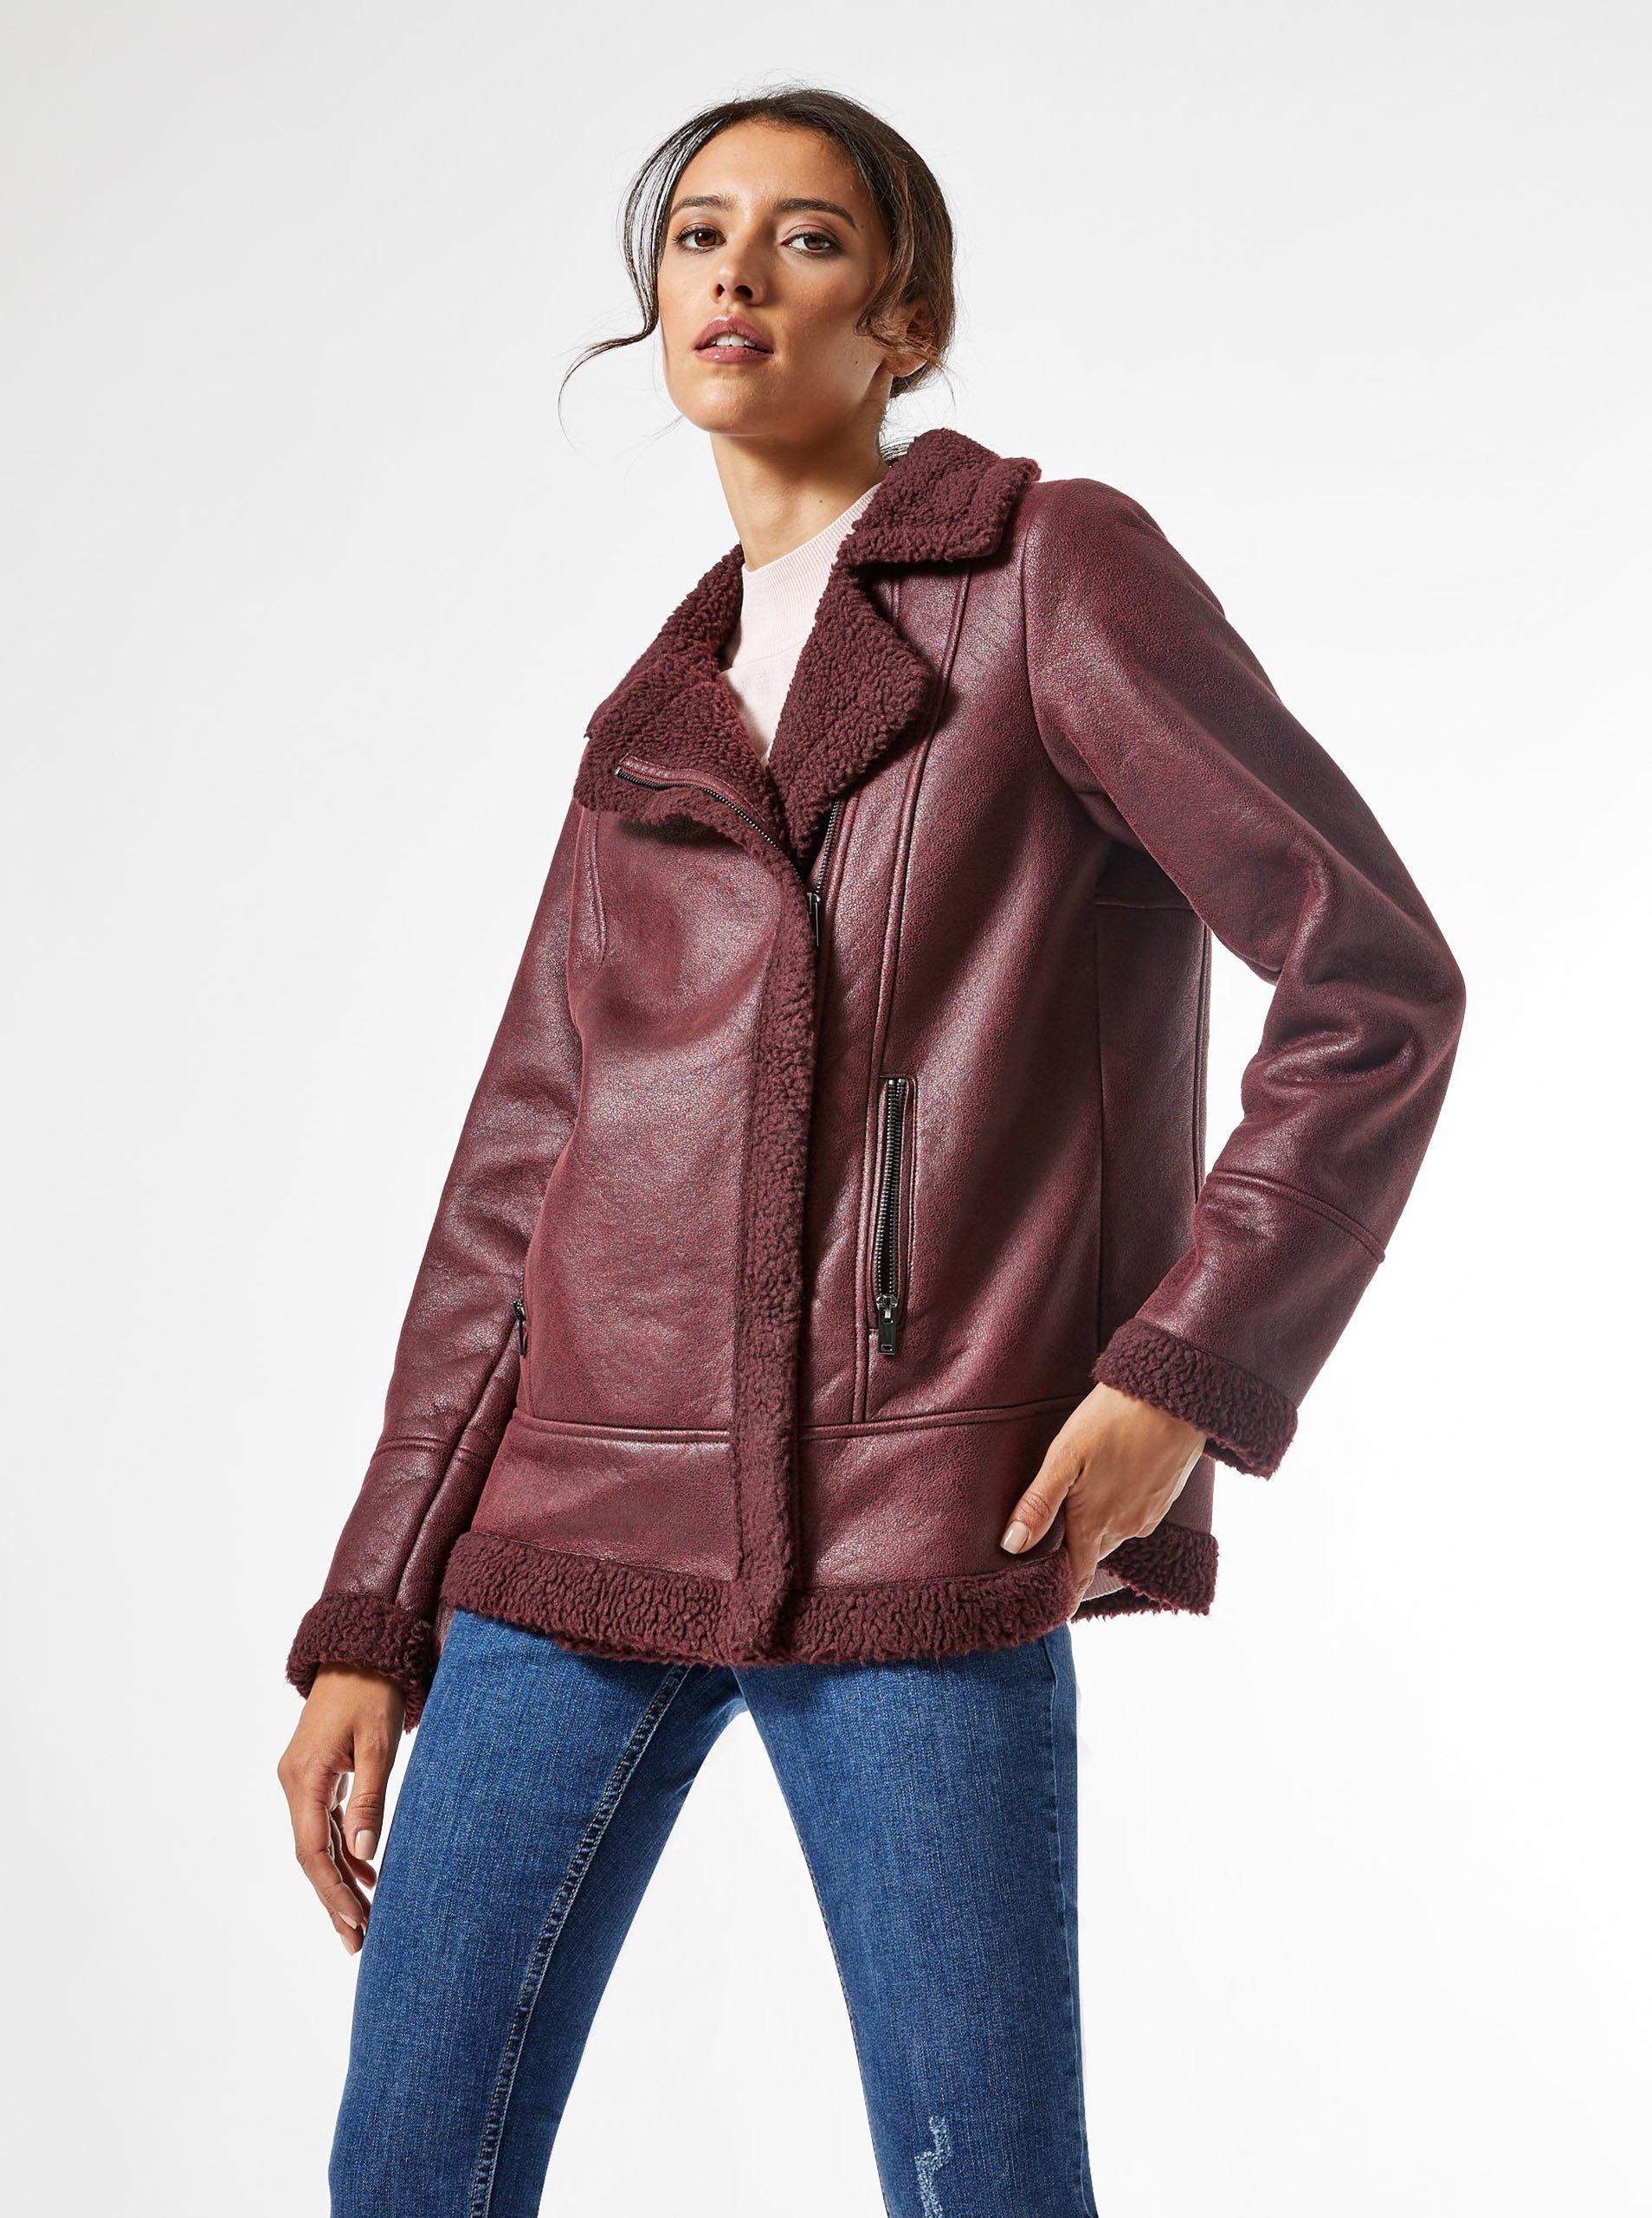 Vínová koženková bunda Dorothy Perkins.